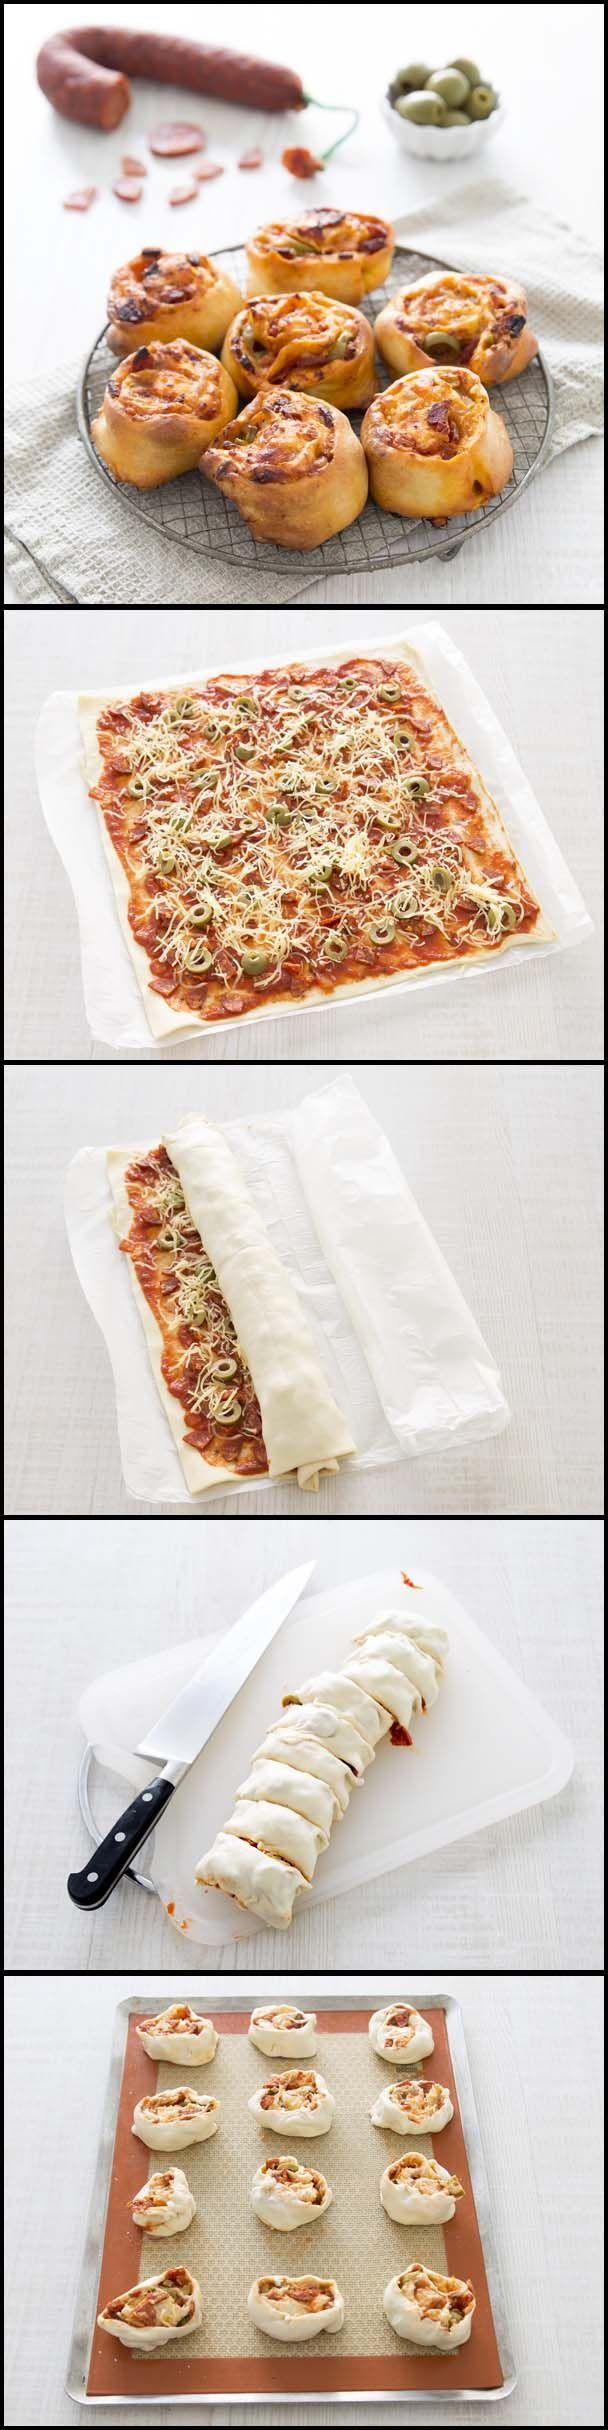 Pizza roll au chorizo et olives vertes - DIY en photos pas à pas - Recettes de…                                                                                                                                                                                 Plus